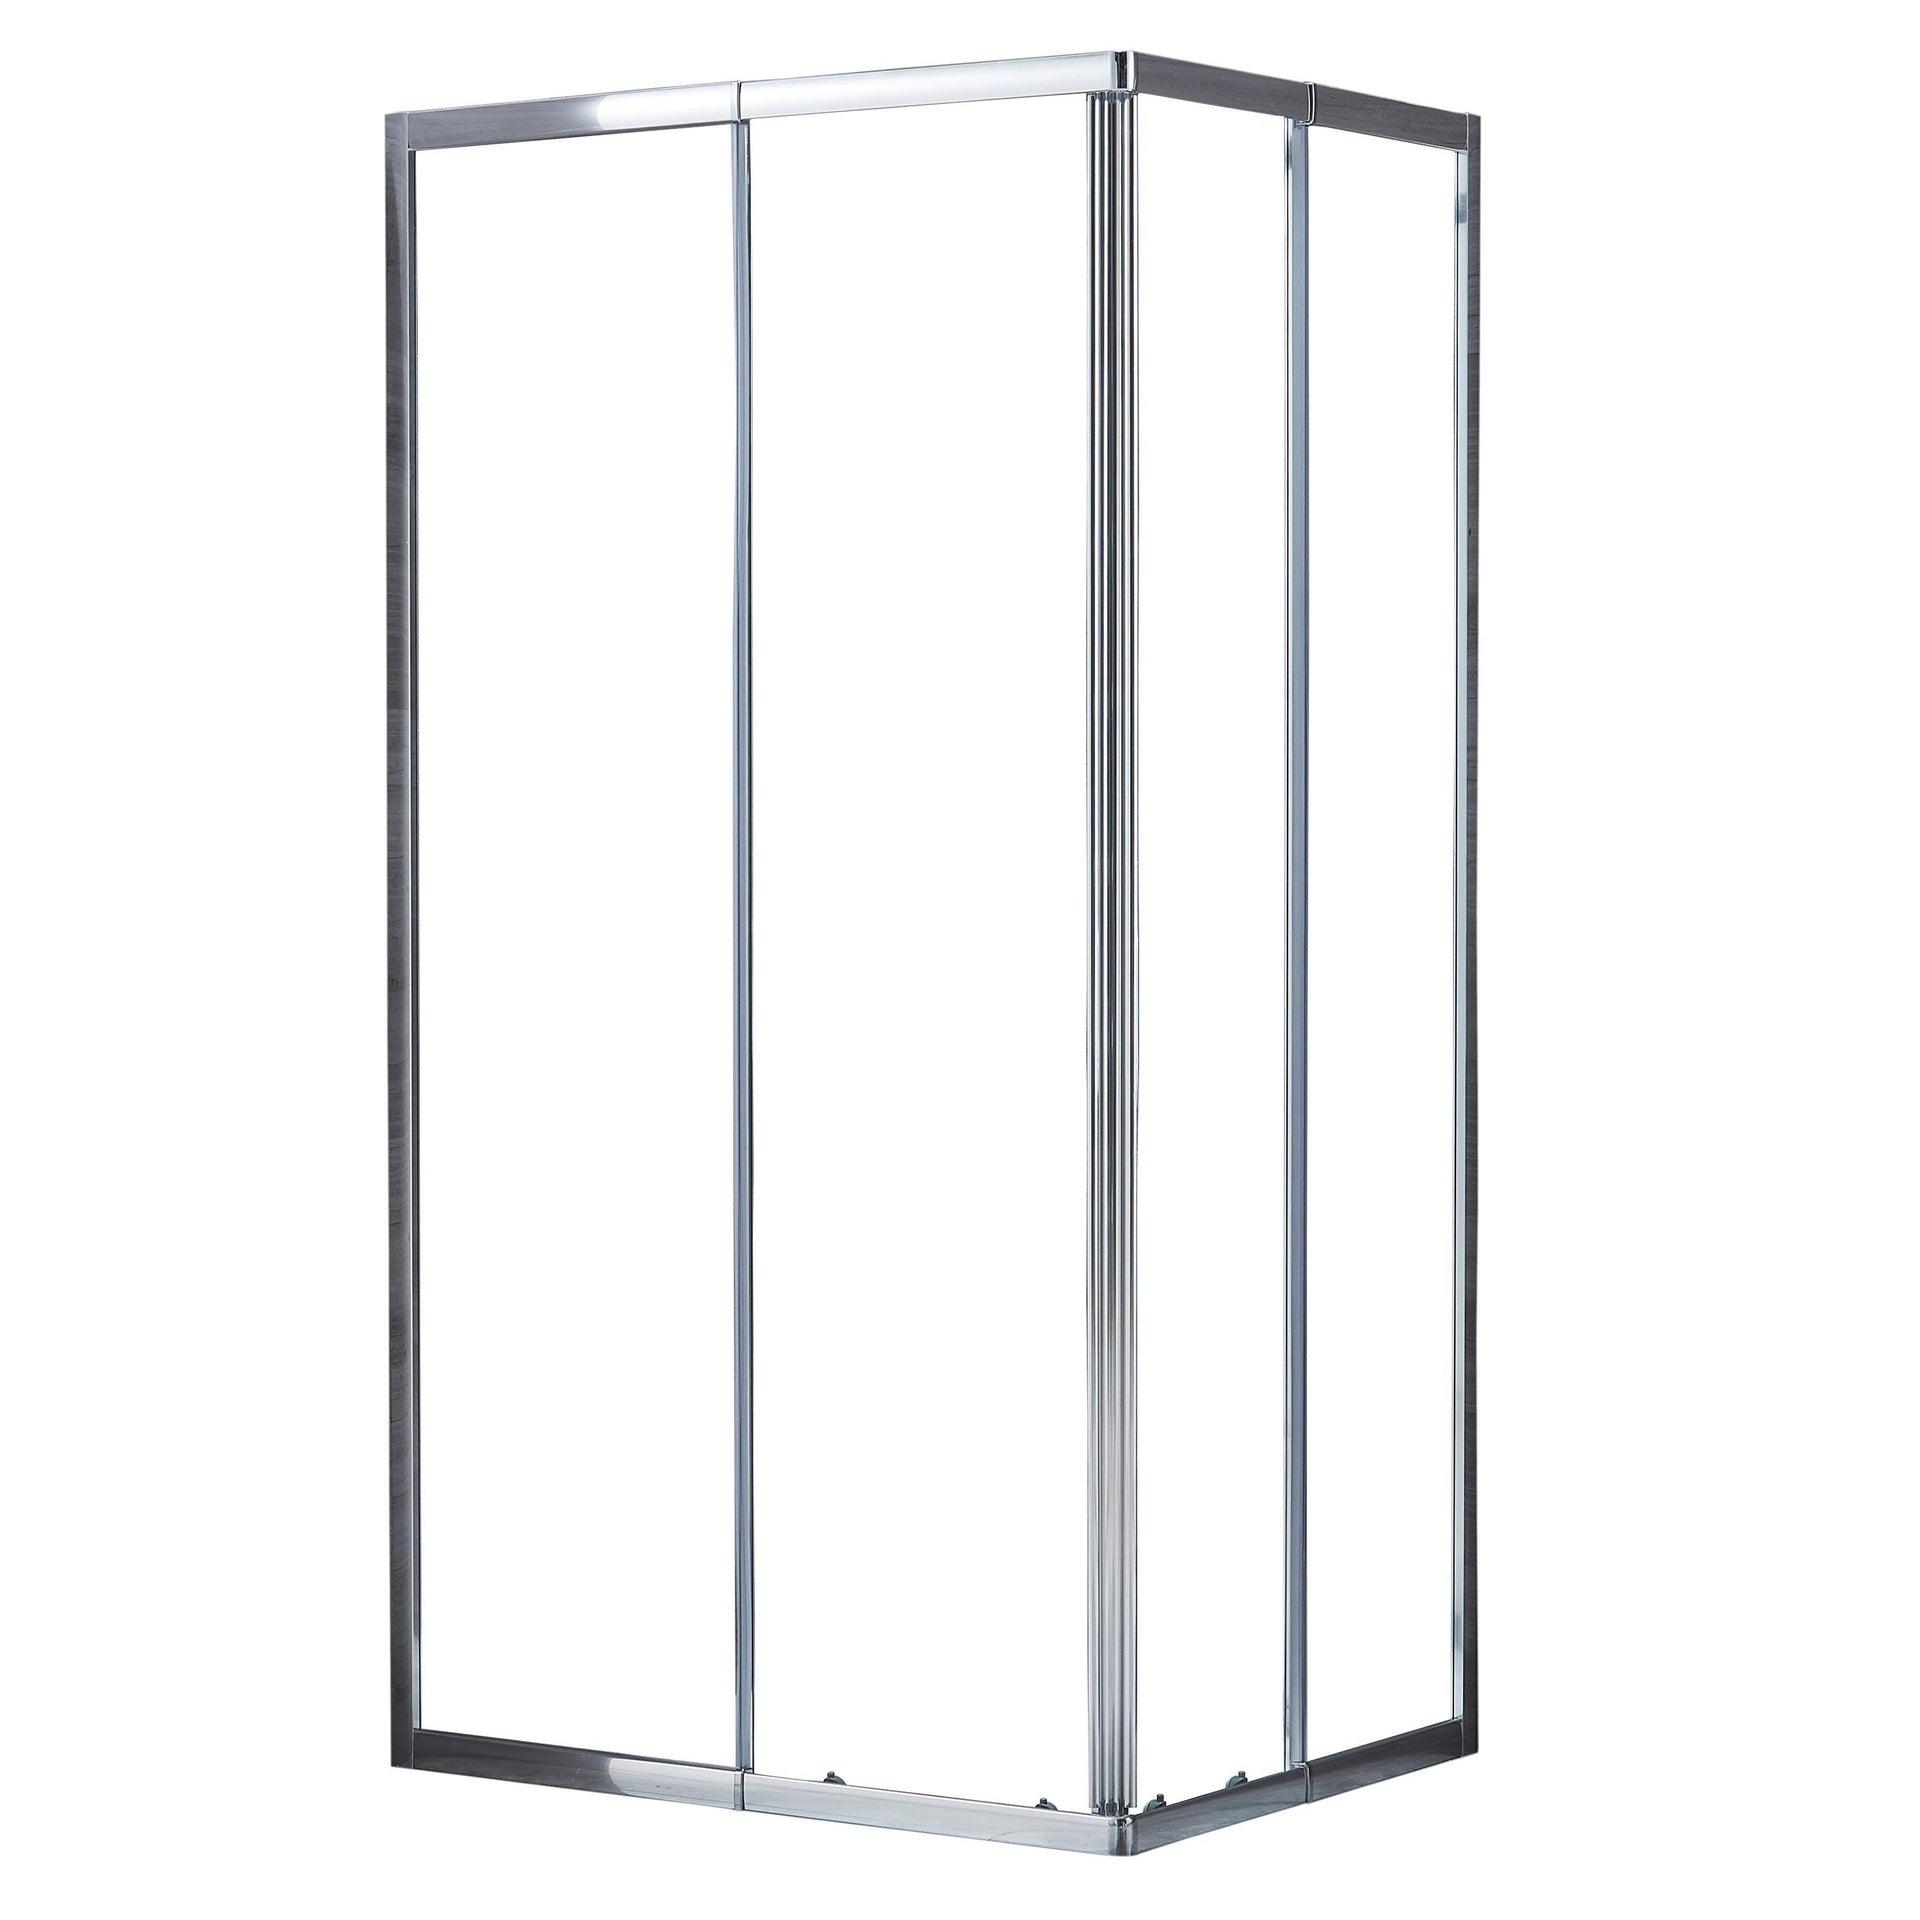 Box doccia rettangolare scorrevole Essential 70 x 100 cm, H 185 cm in vetro temprato, spessore 4 mm trasparente cromato - 10